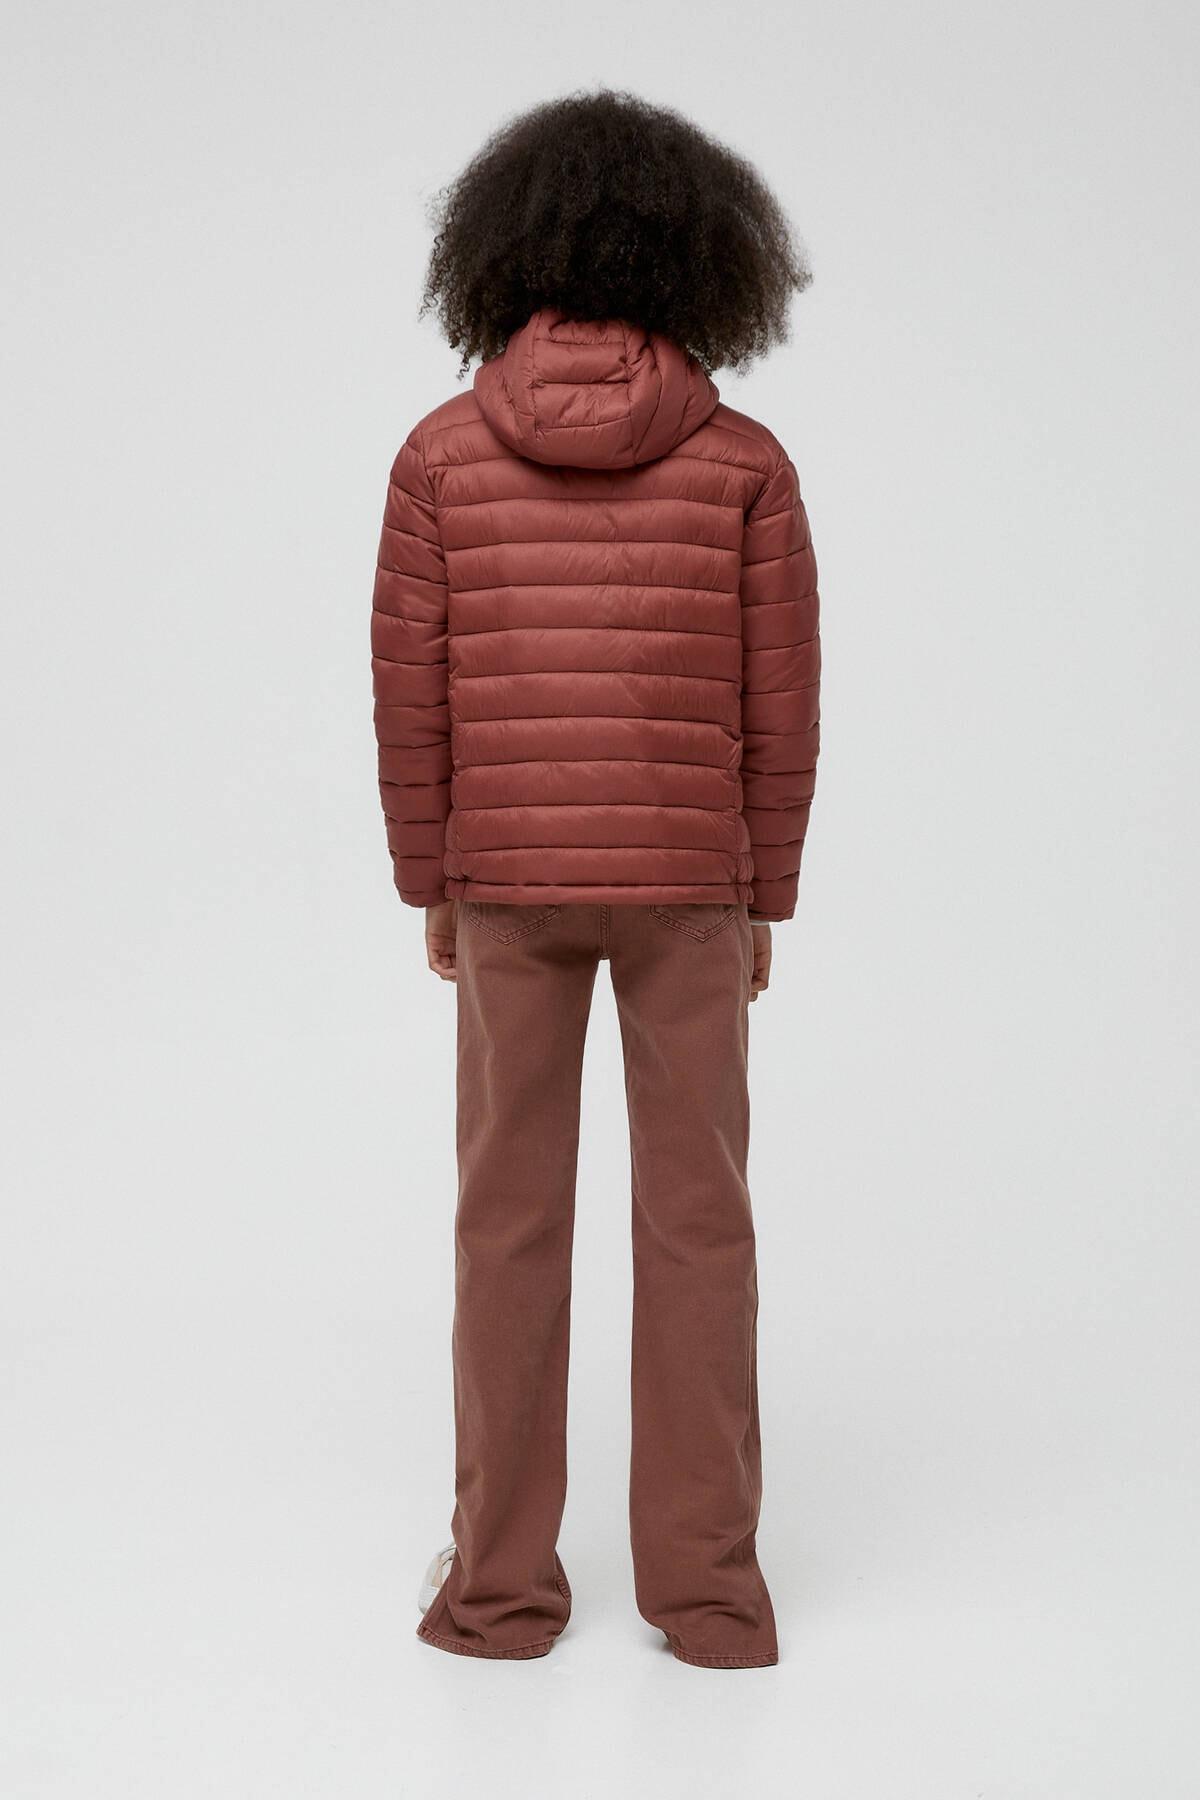 Pull & Bear Kadın Kil Rengi Basic Şişme Mont 09714333 2